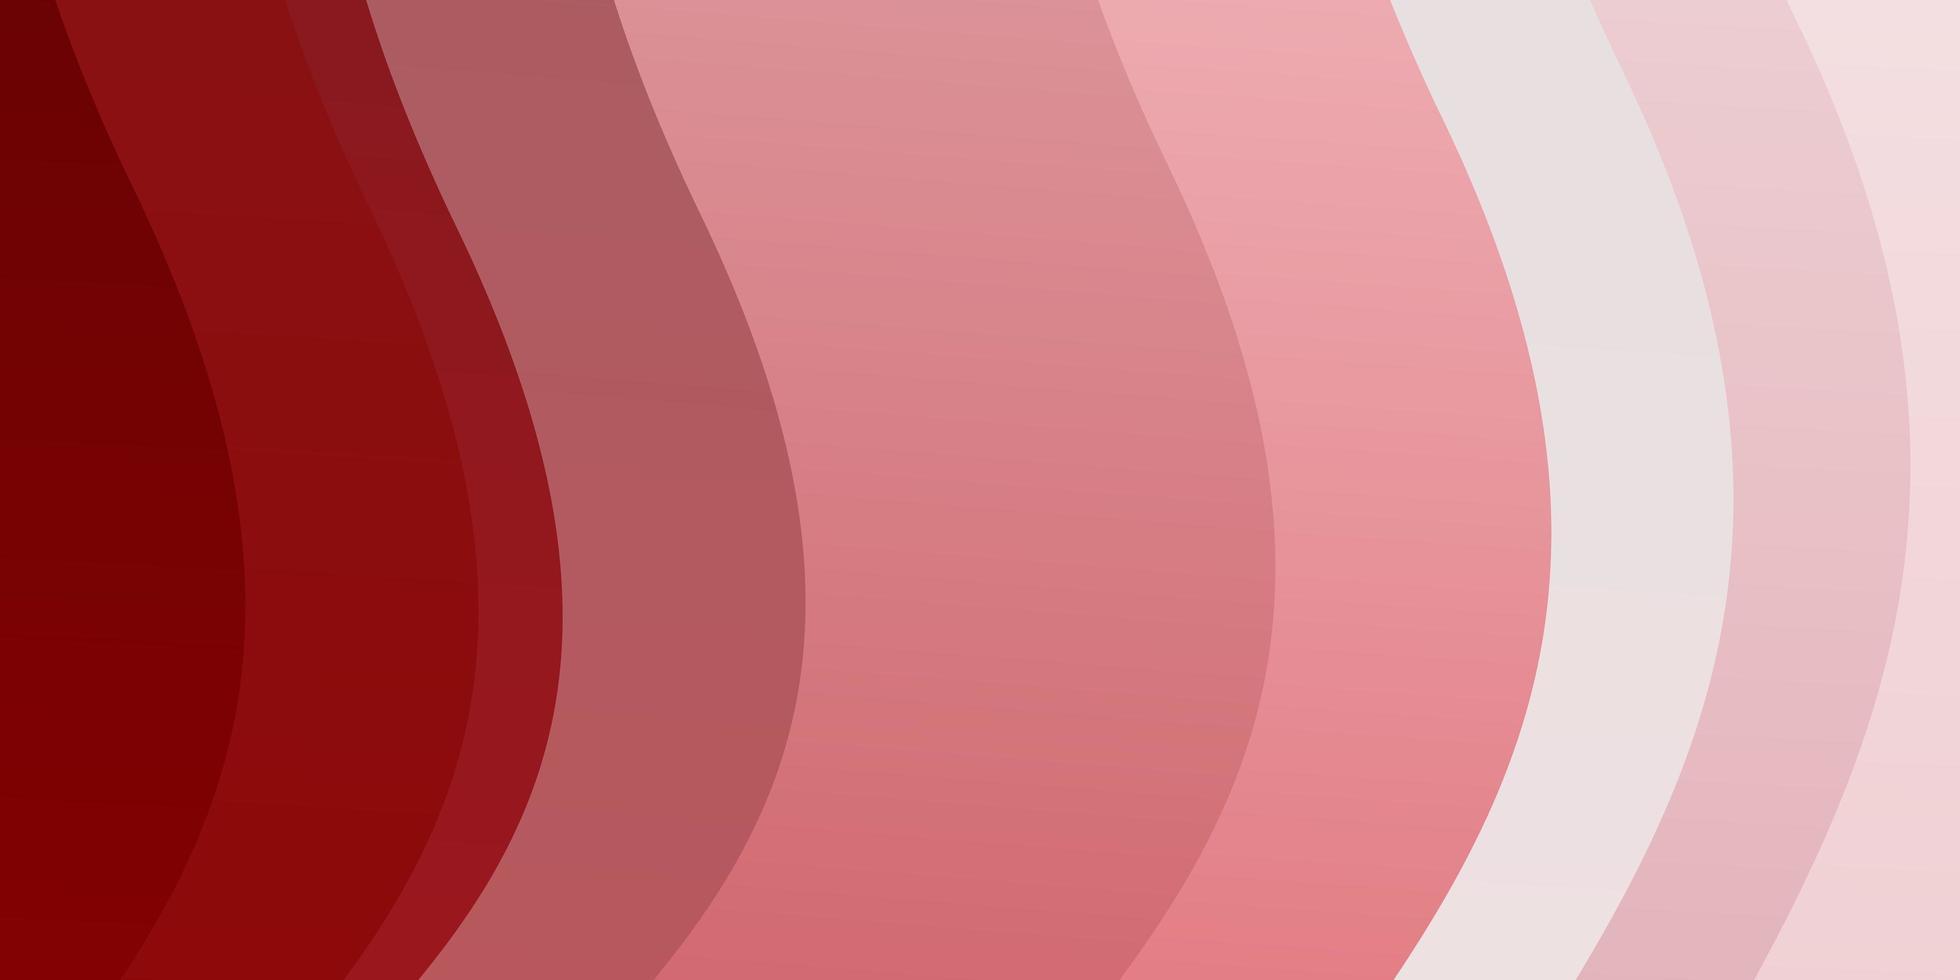 modèle de vecteur rouge clair avec des lignes courbes.